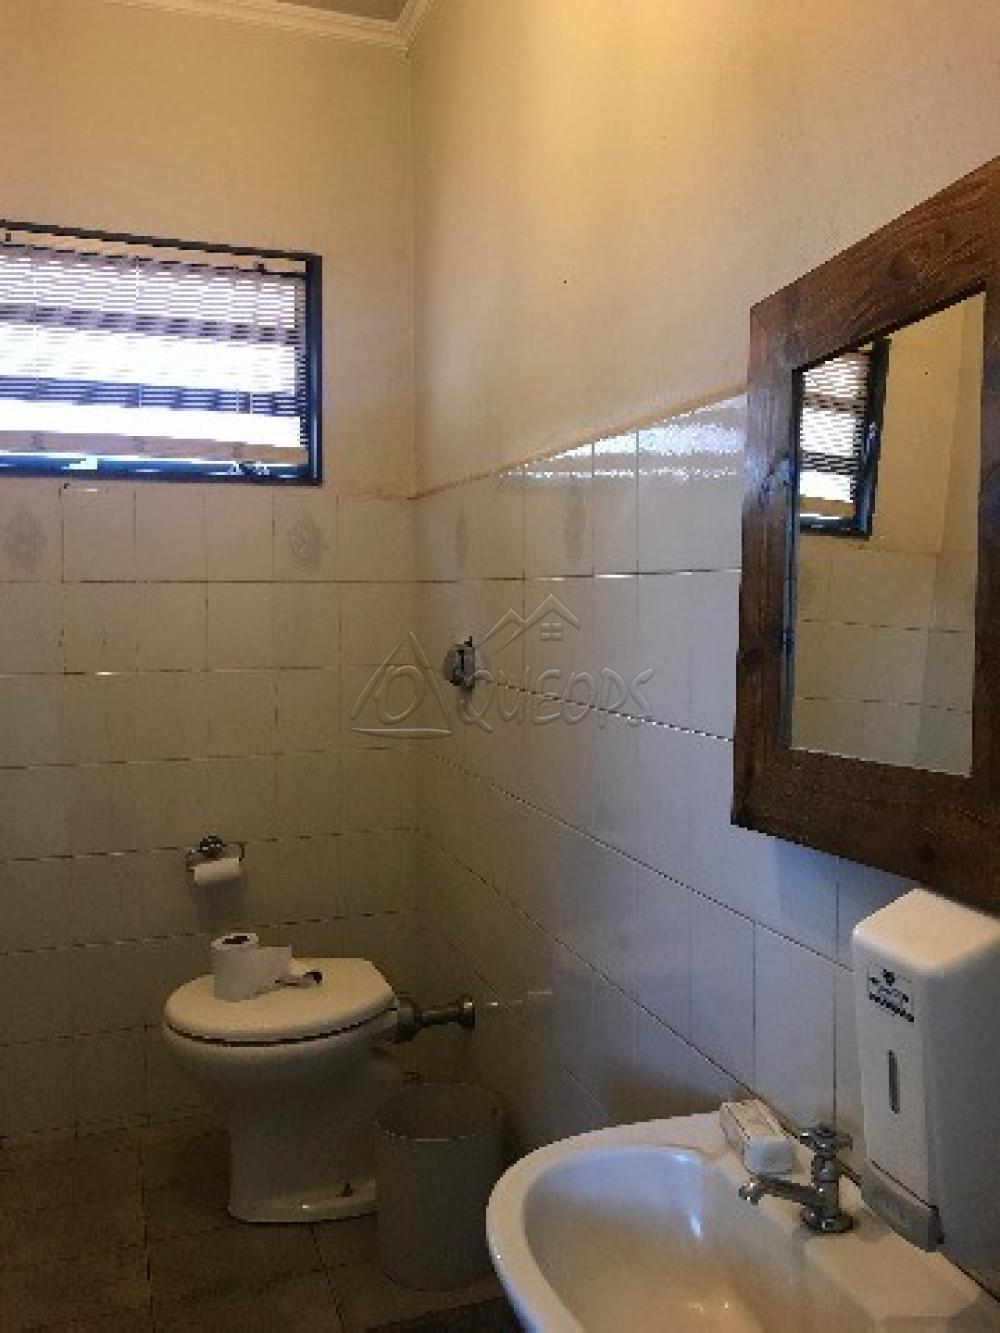 Alugar Comercial / Prédio em Barretos apenas R$ 15.000,00 - Foto 17